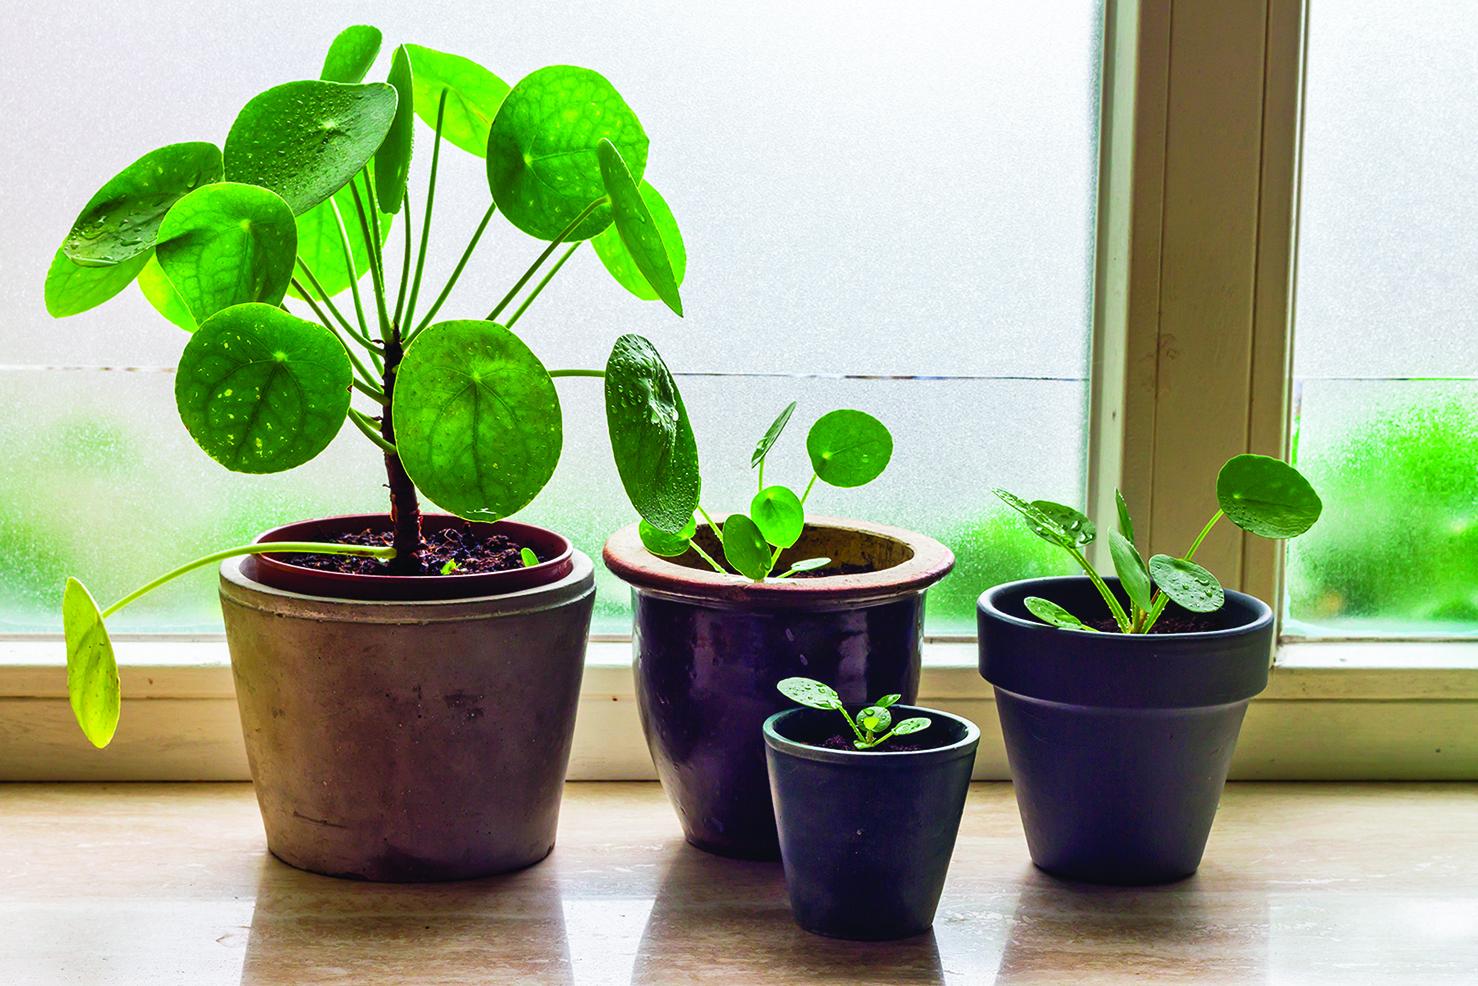 冬季適合將植物放在窗台上,但不要讓葉子直接接觸窗戶玻璃。